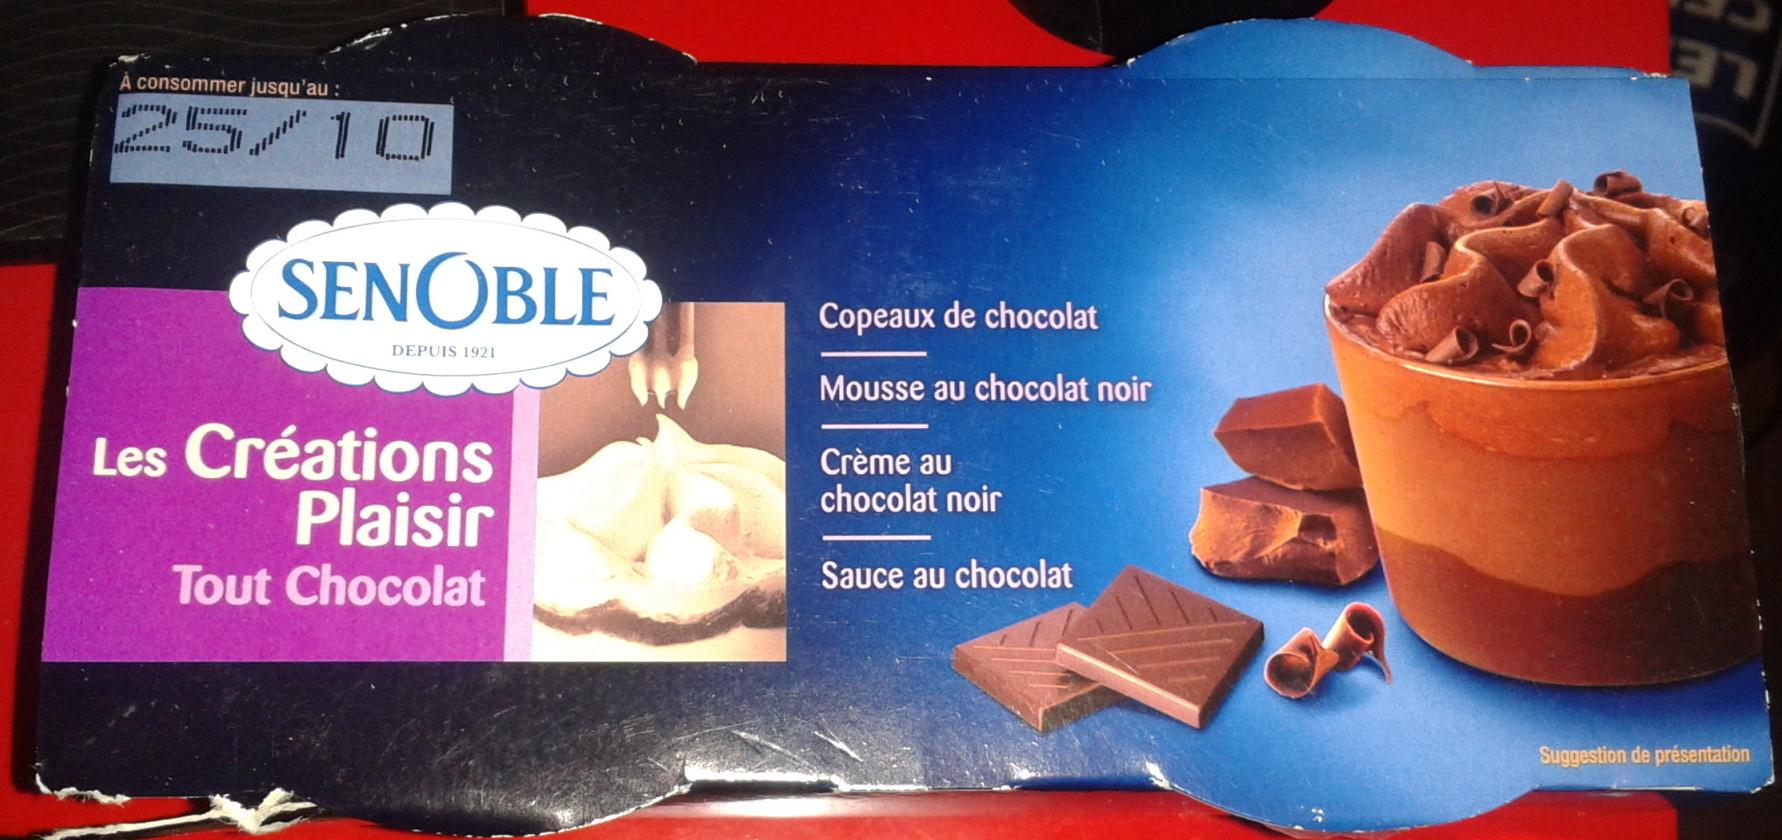 Les Créations Plaisir - Tout Chocolat - Product - fr